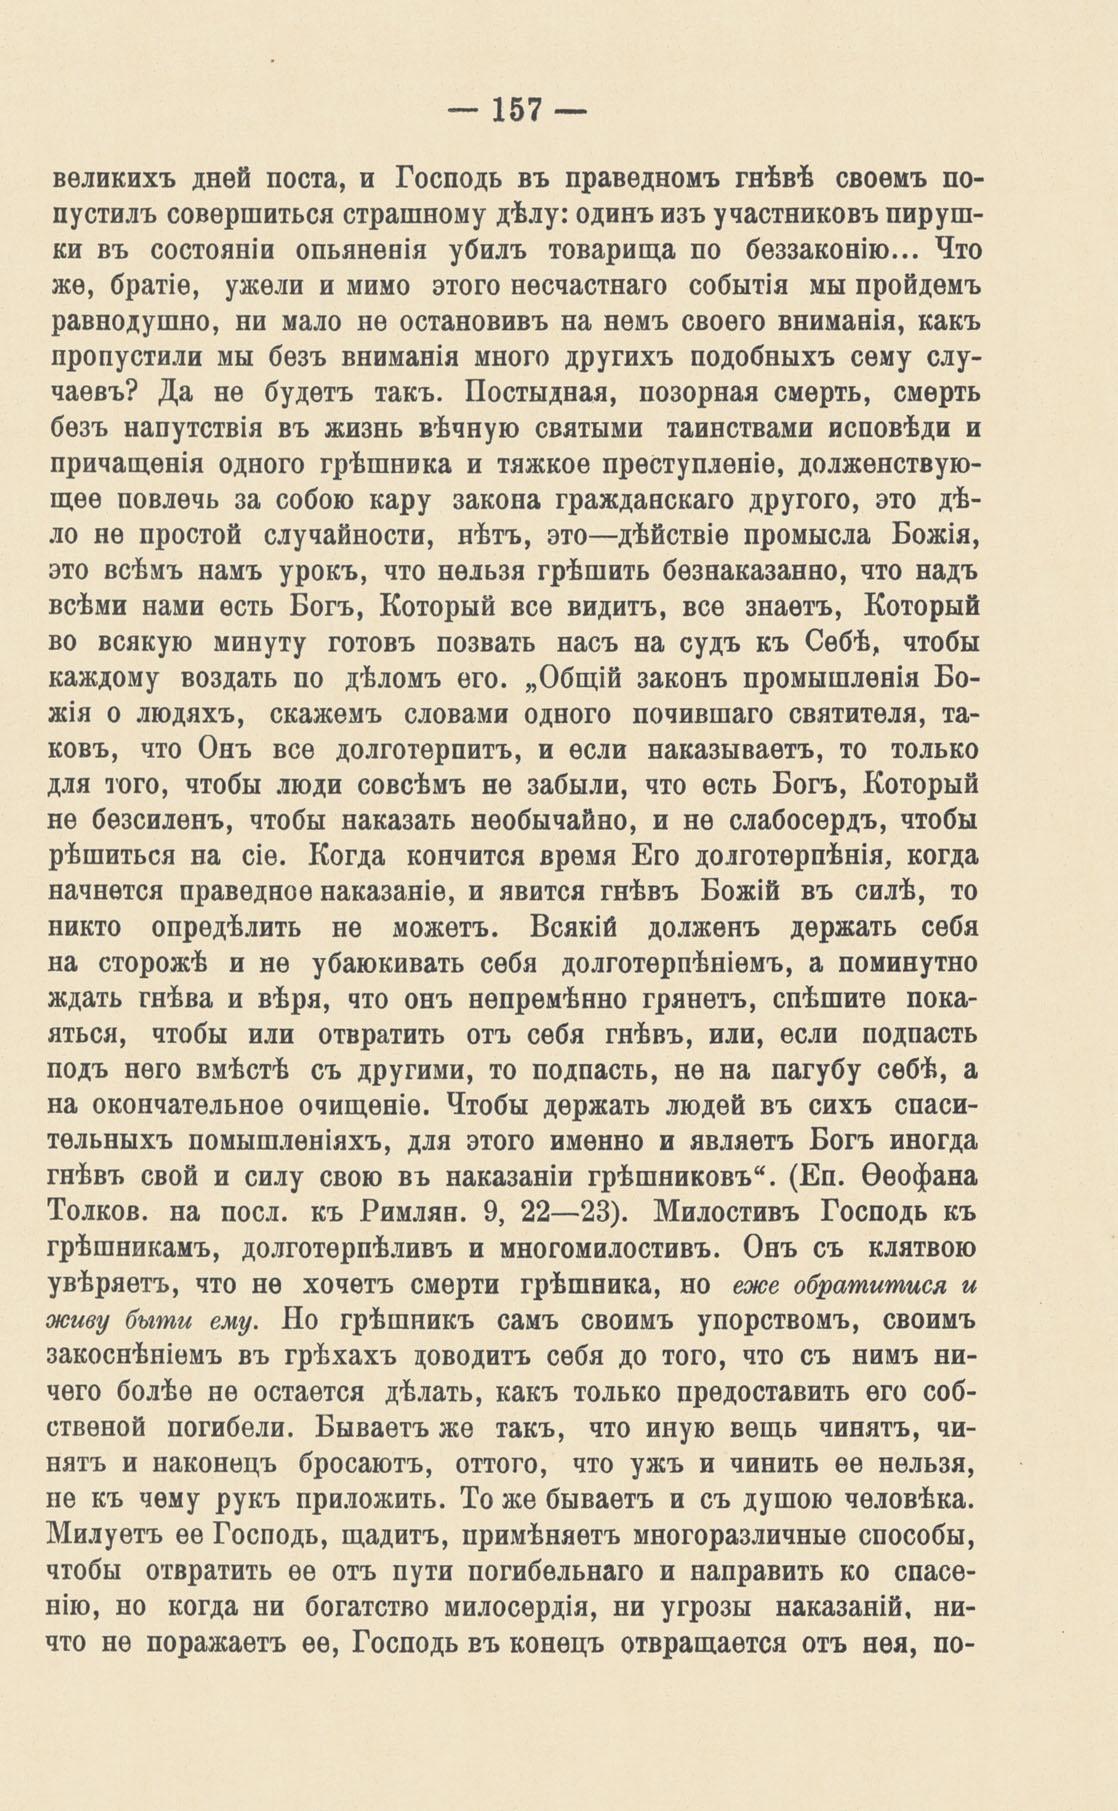 епархиальные ведомости_номер 1мо от вященника тихомирова_659 399